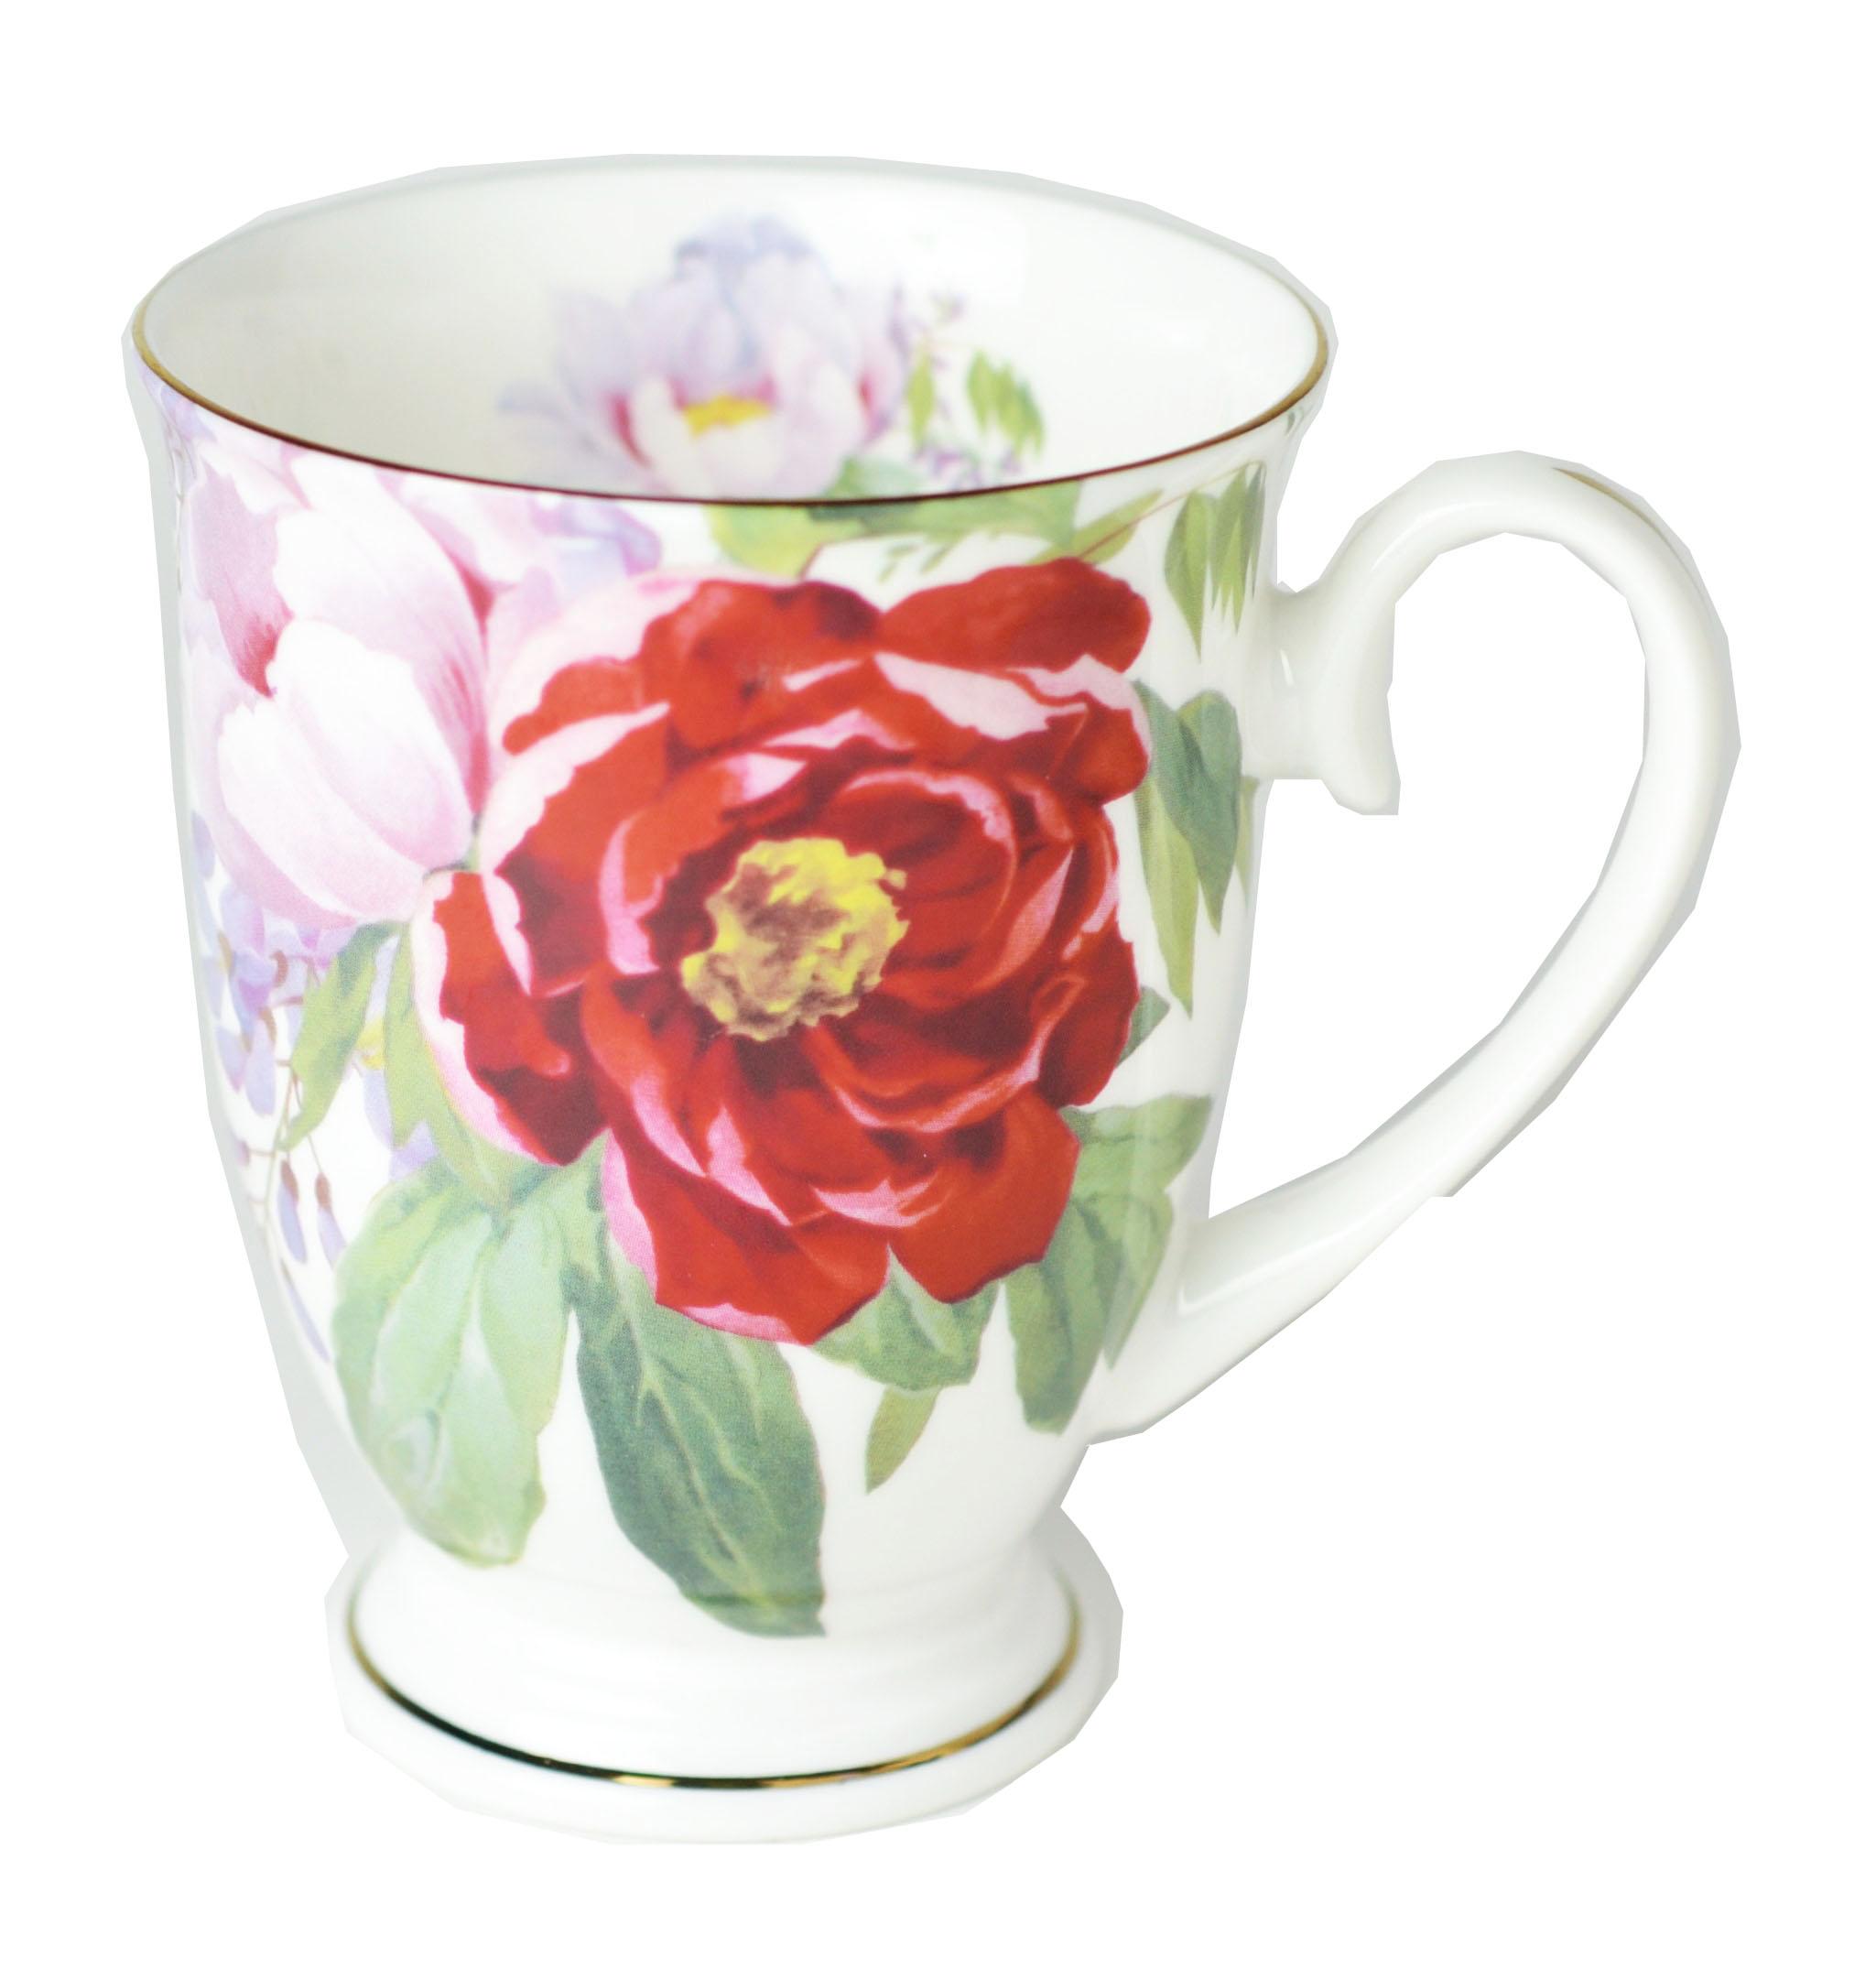 【ロイヤルアーデン】 ボーンチャイナマグカップ <br>No.37471